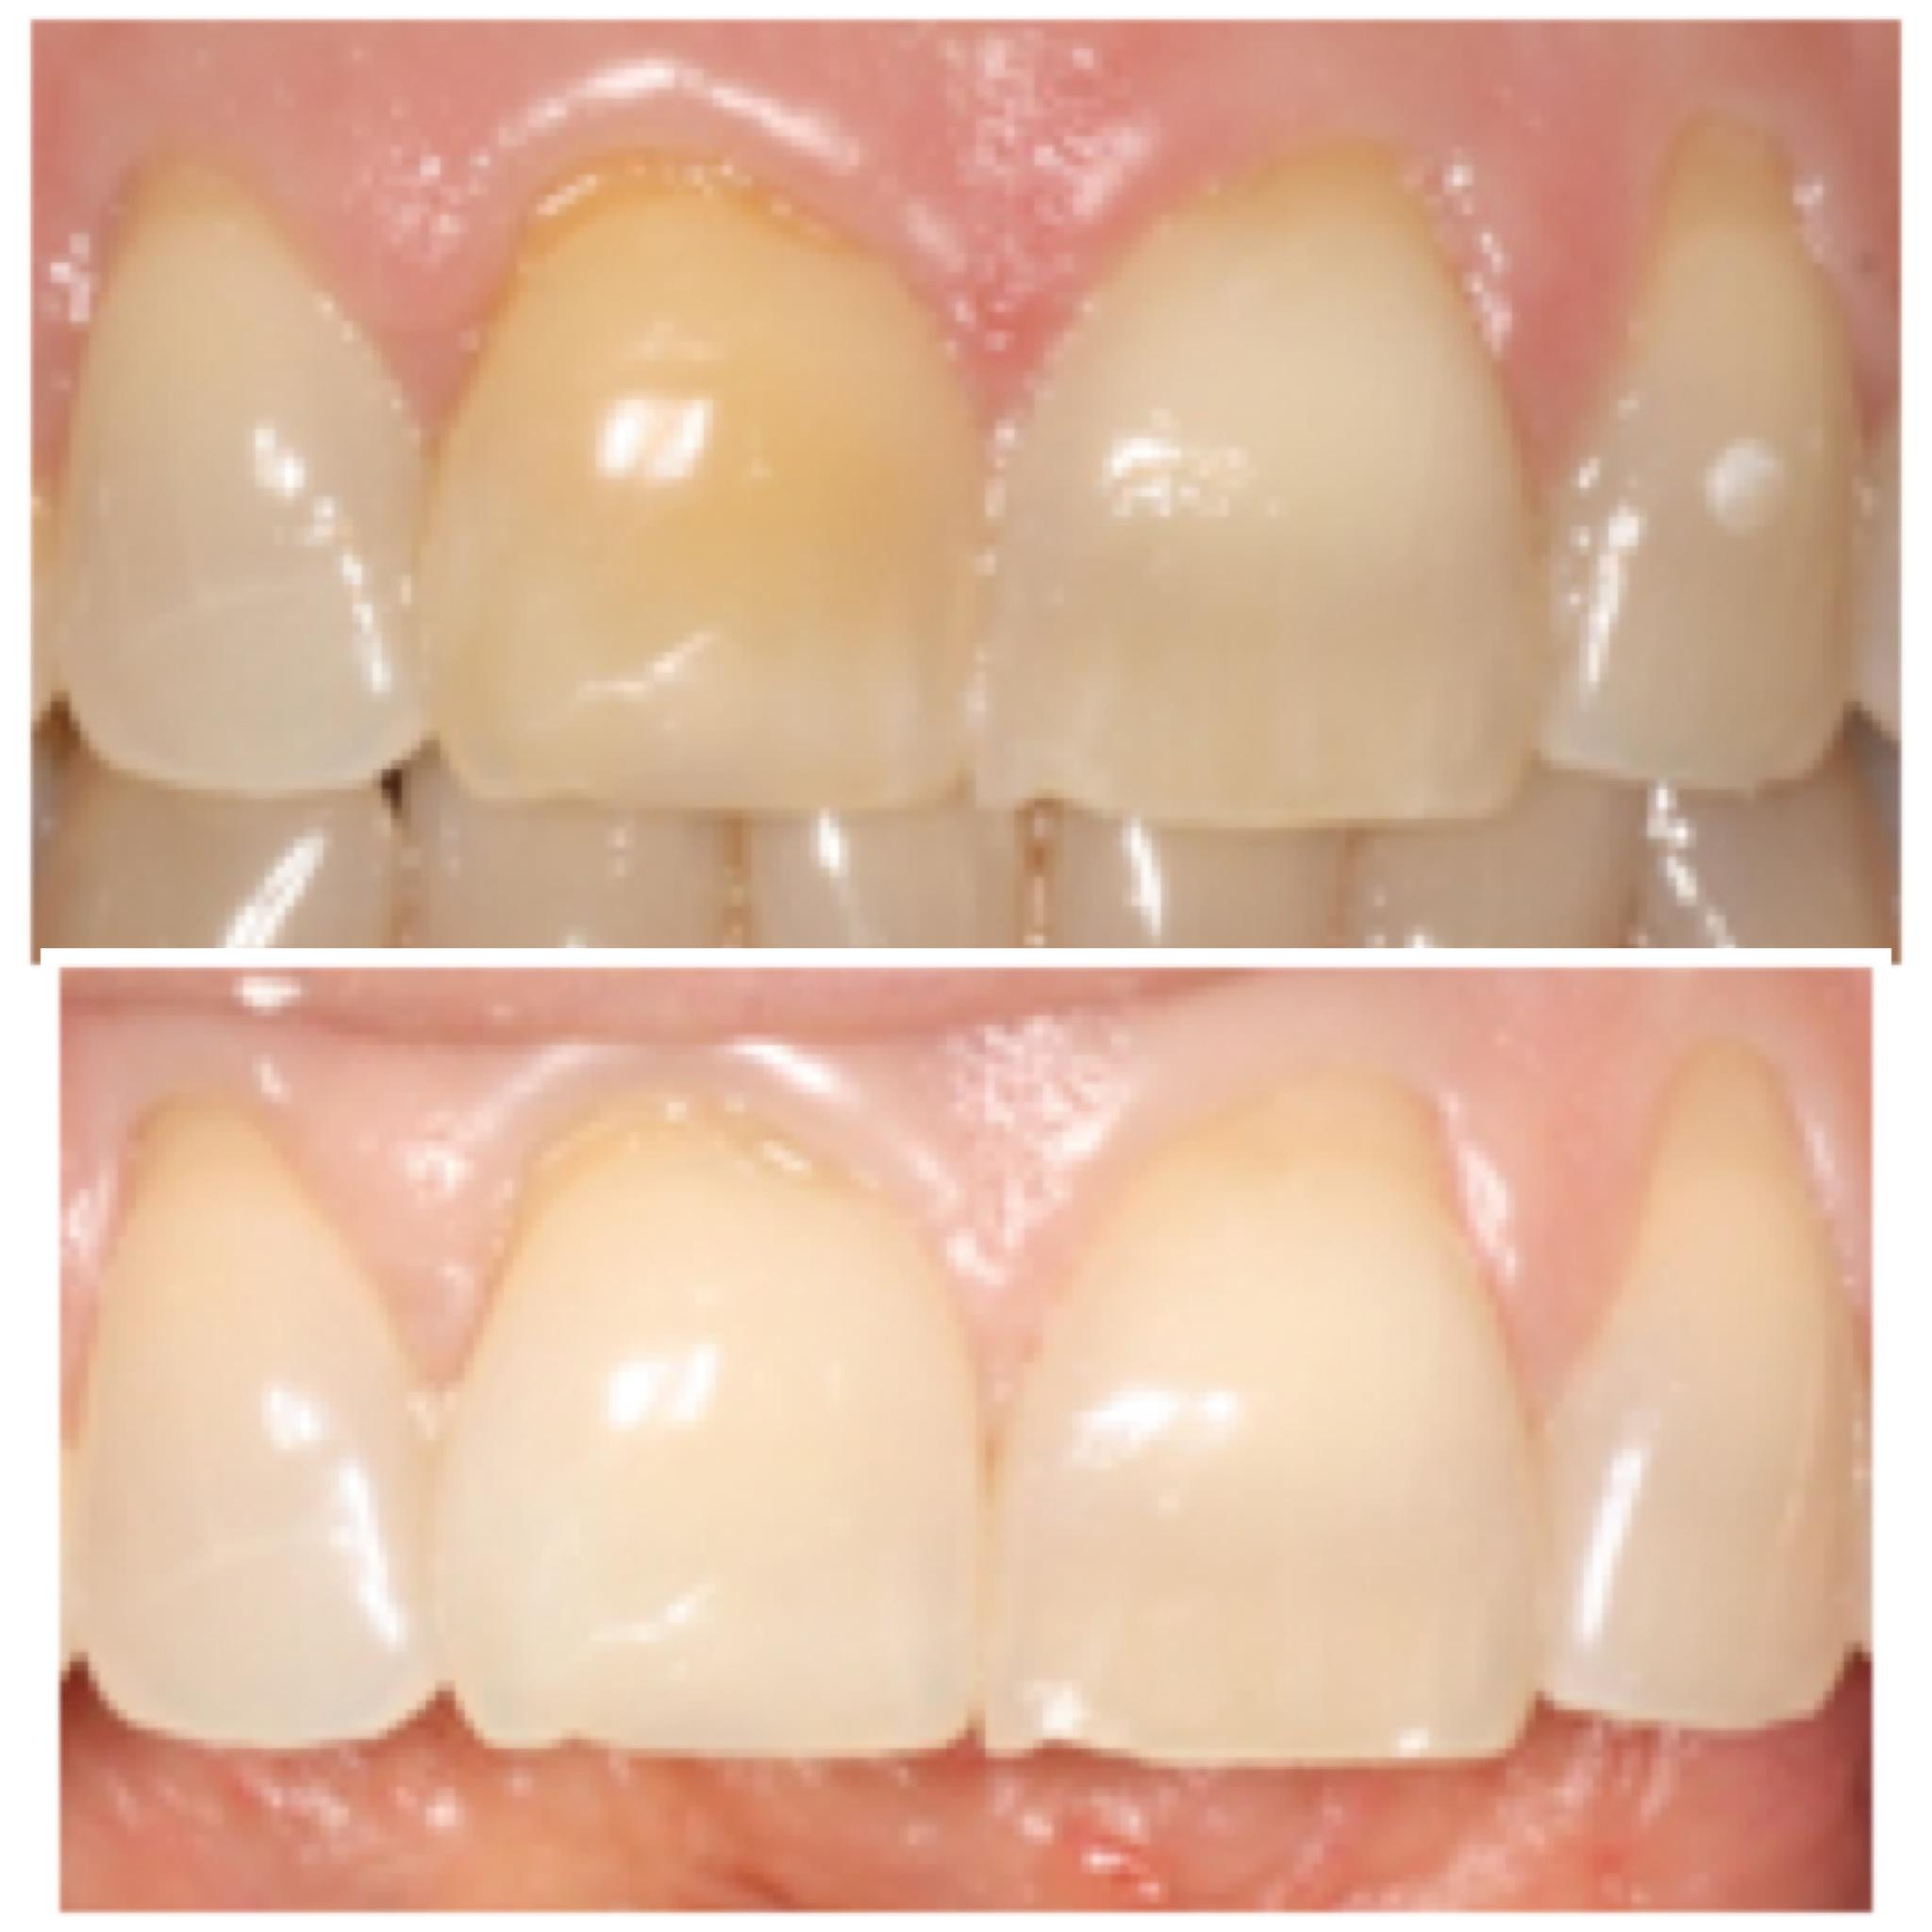 Tengo un diente negro, ¿qué puedo hacer?